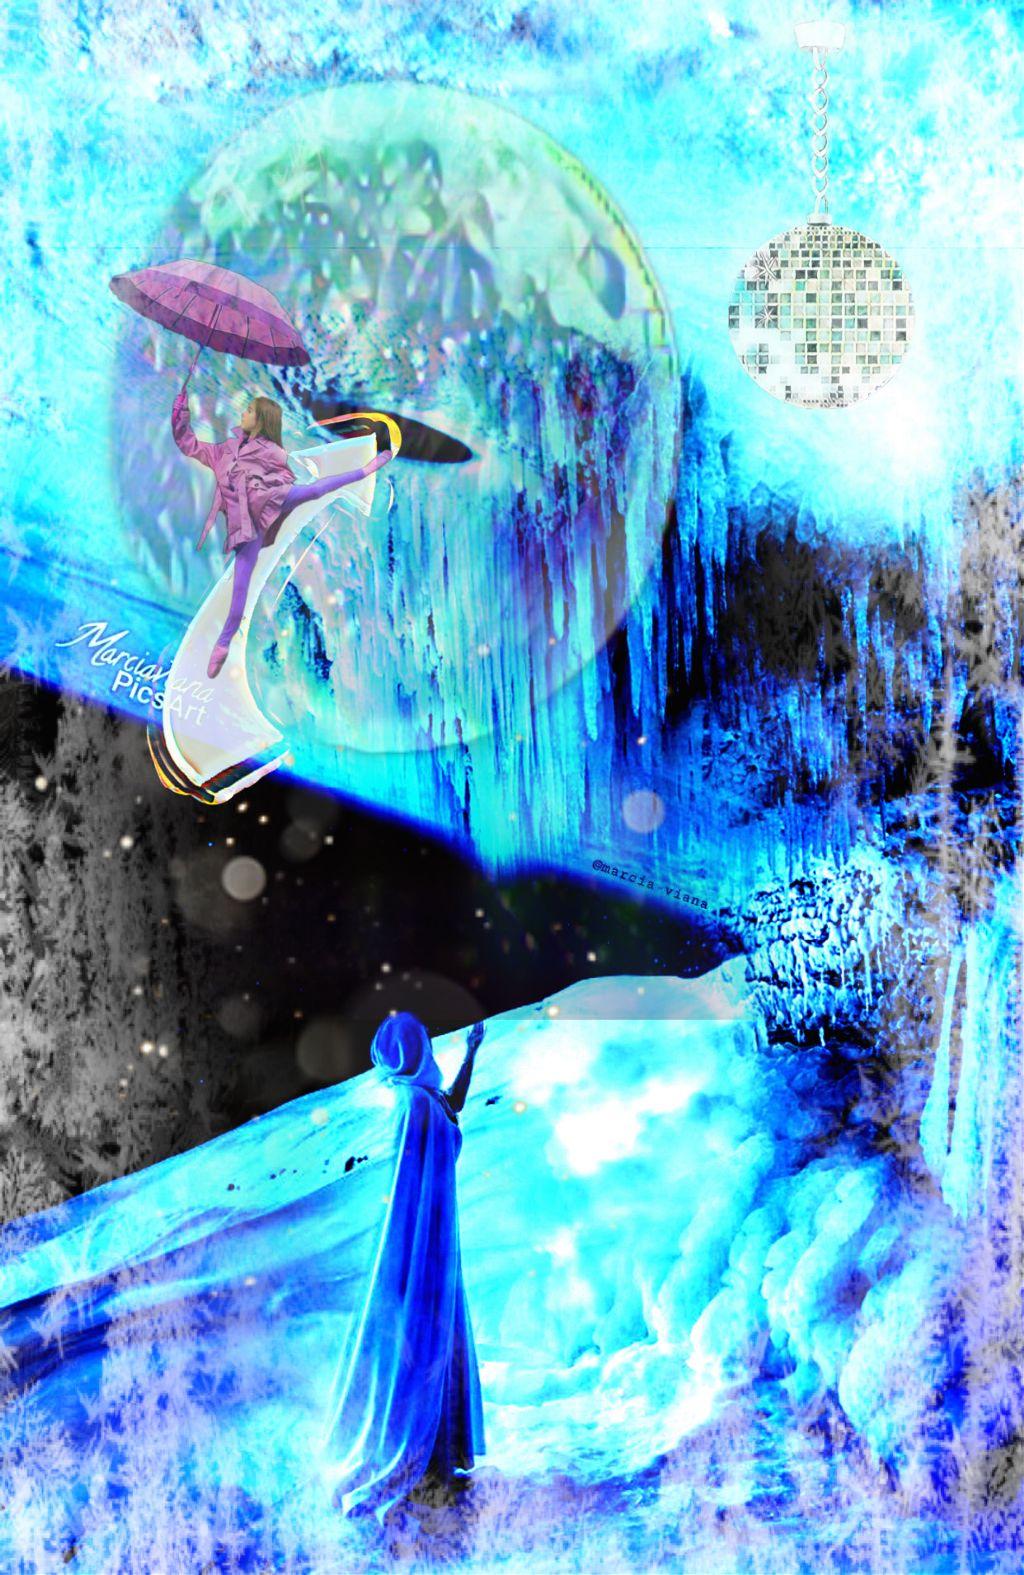 #freetoedit #remix #dancer #moon #arrow #stars @marcia_bb